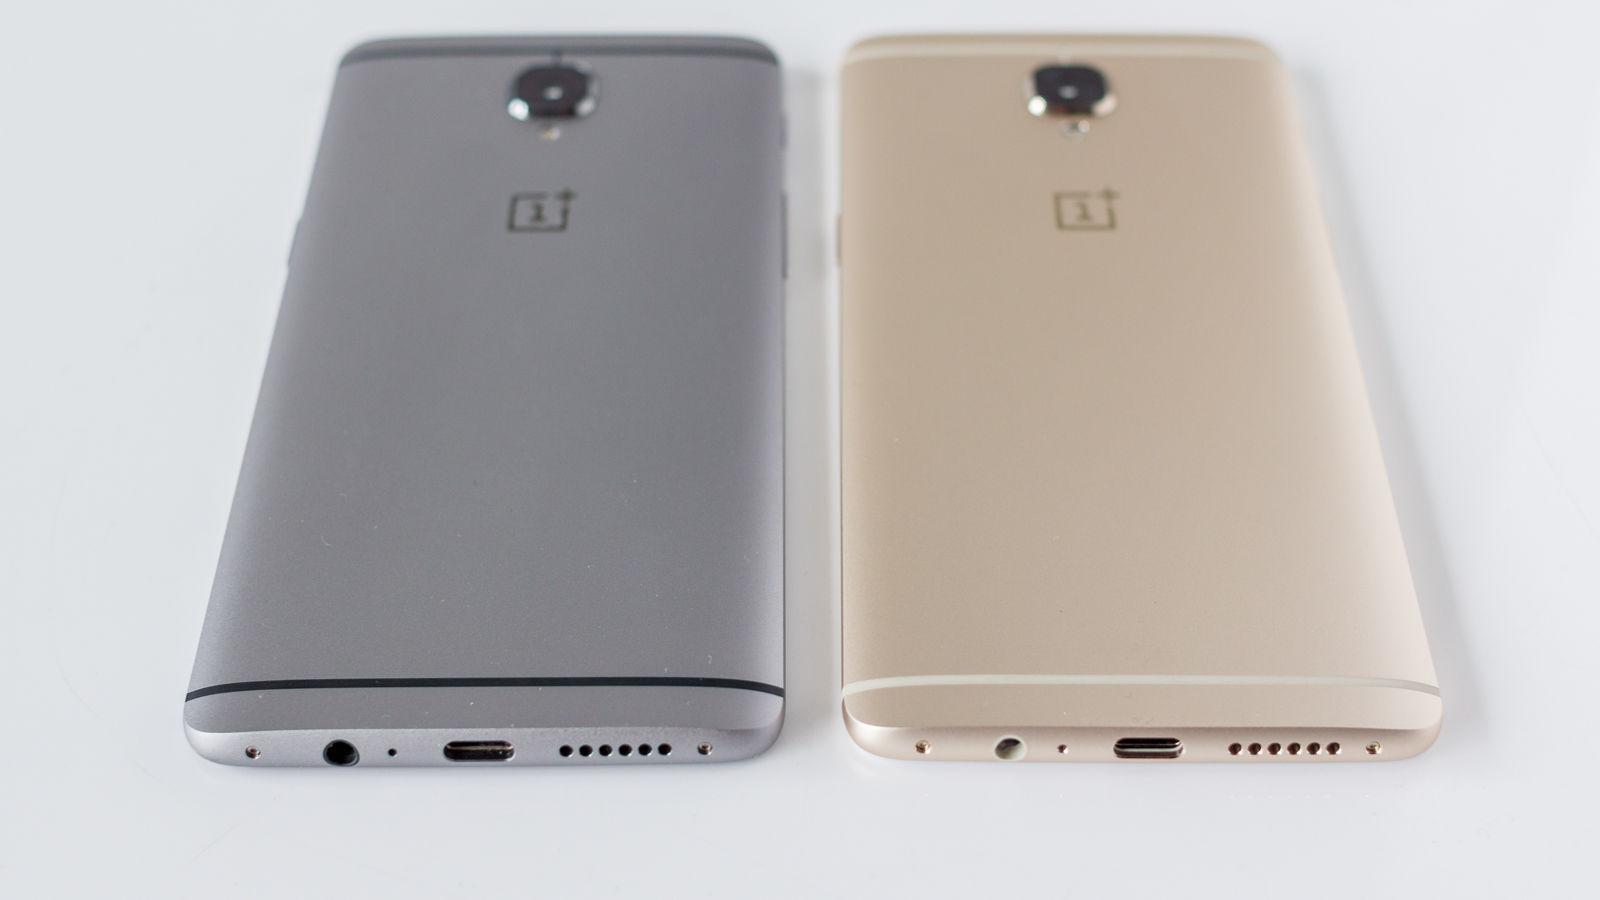 Novas atualizações baseadas em Nougat para o OnePlus 3 e 3T